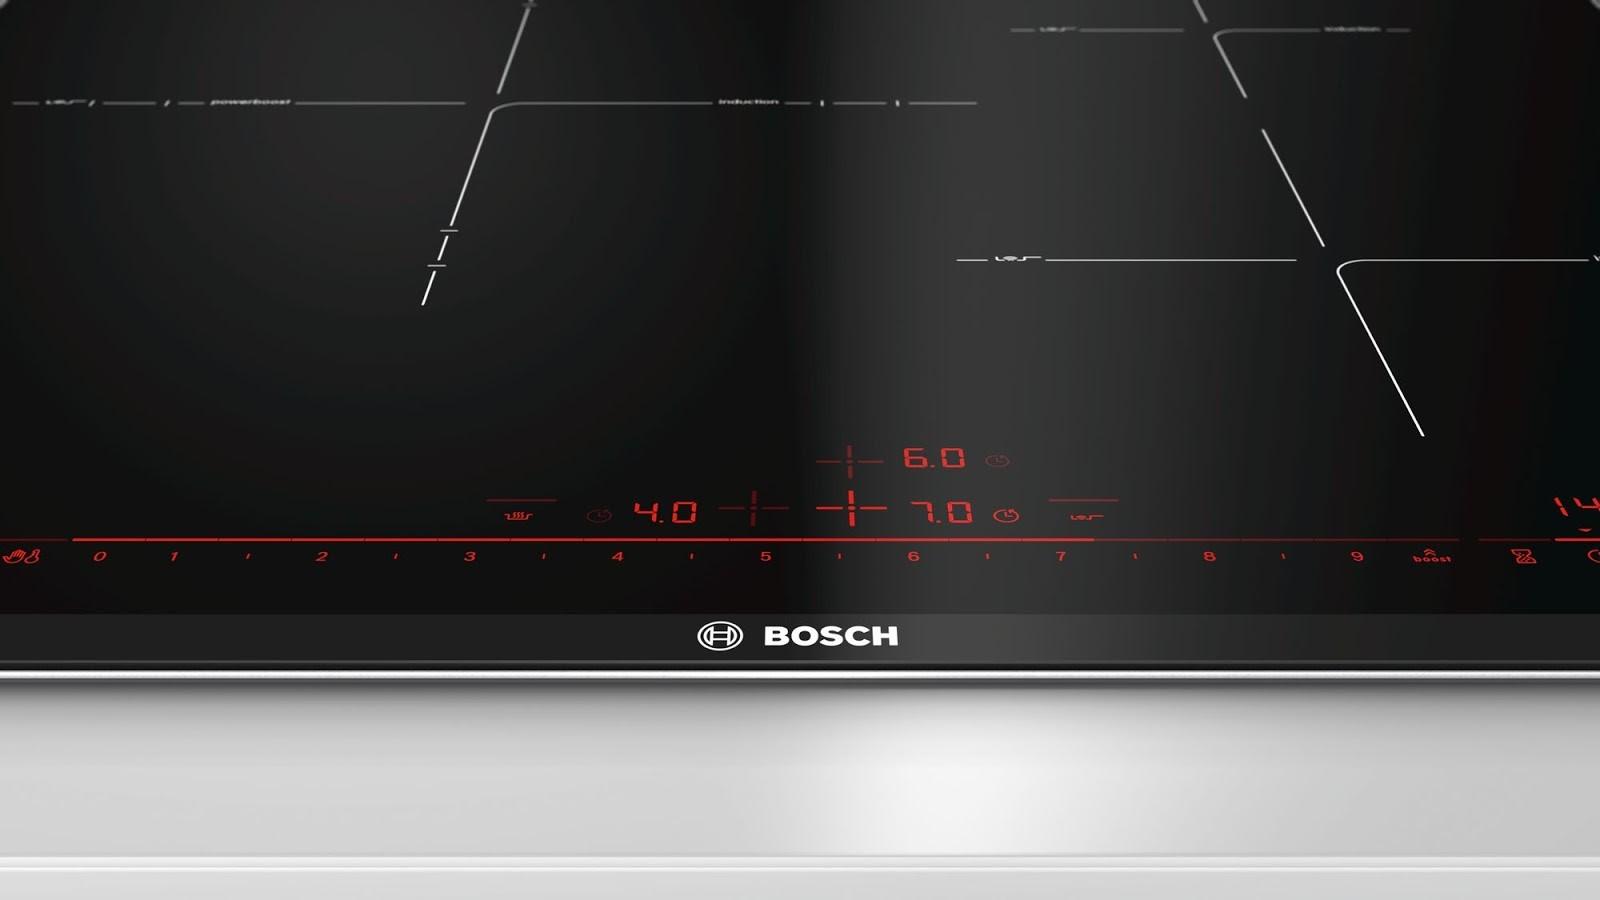 Bàn phím LED dạng ẩn chỉ hiện lên khi mở nút nguồn của Bosch PID675DC1E